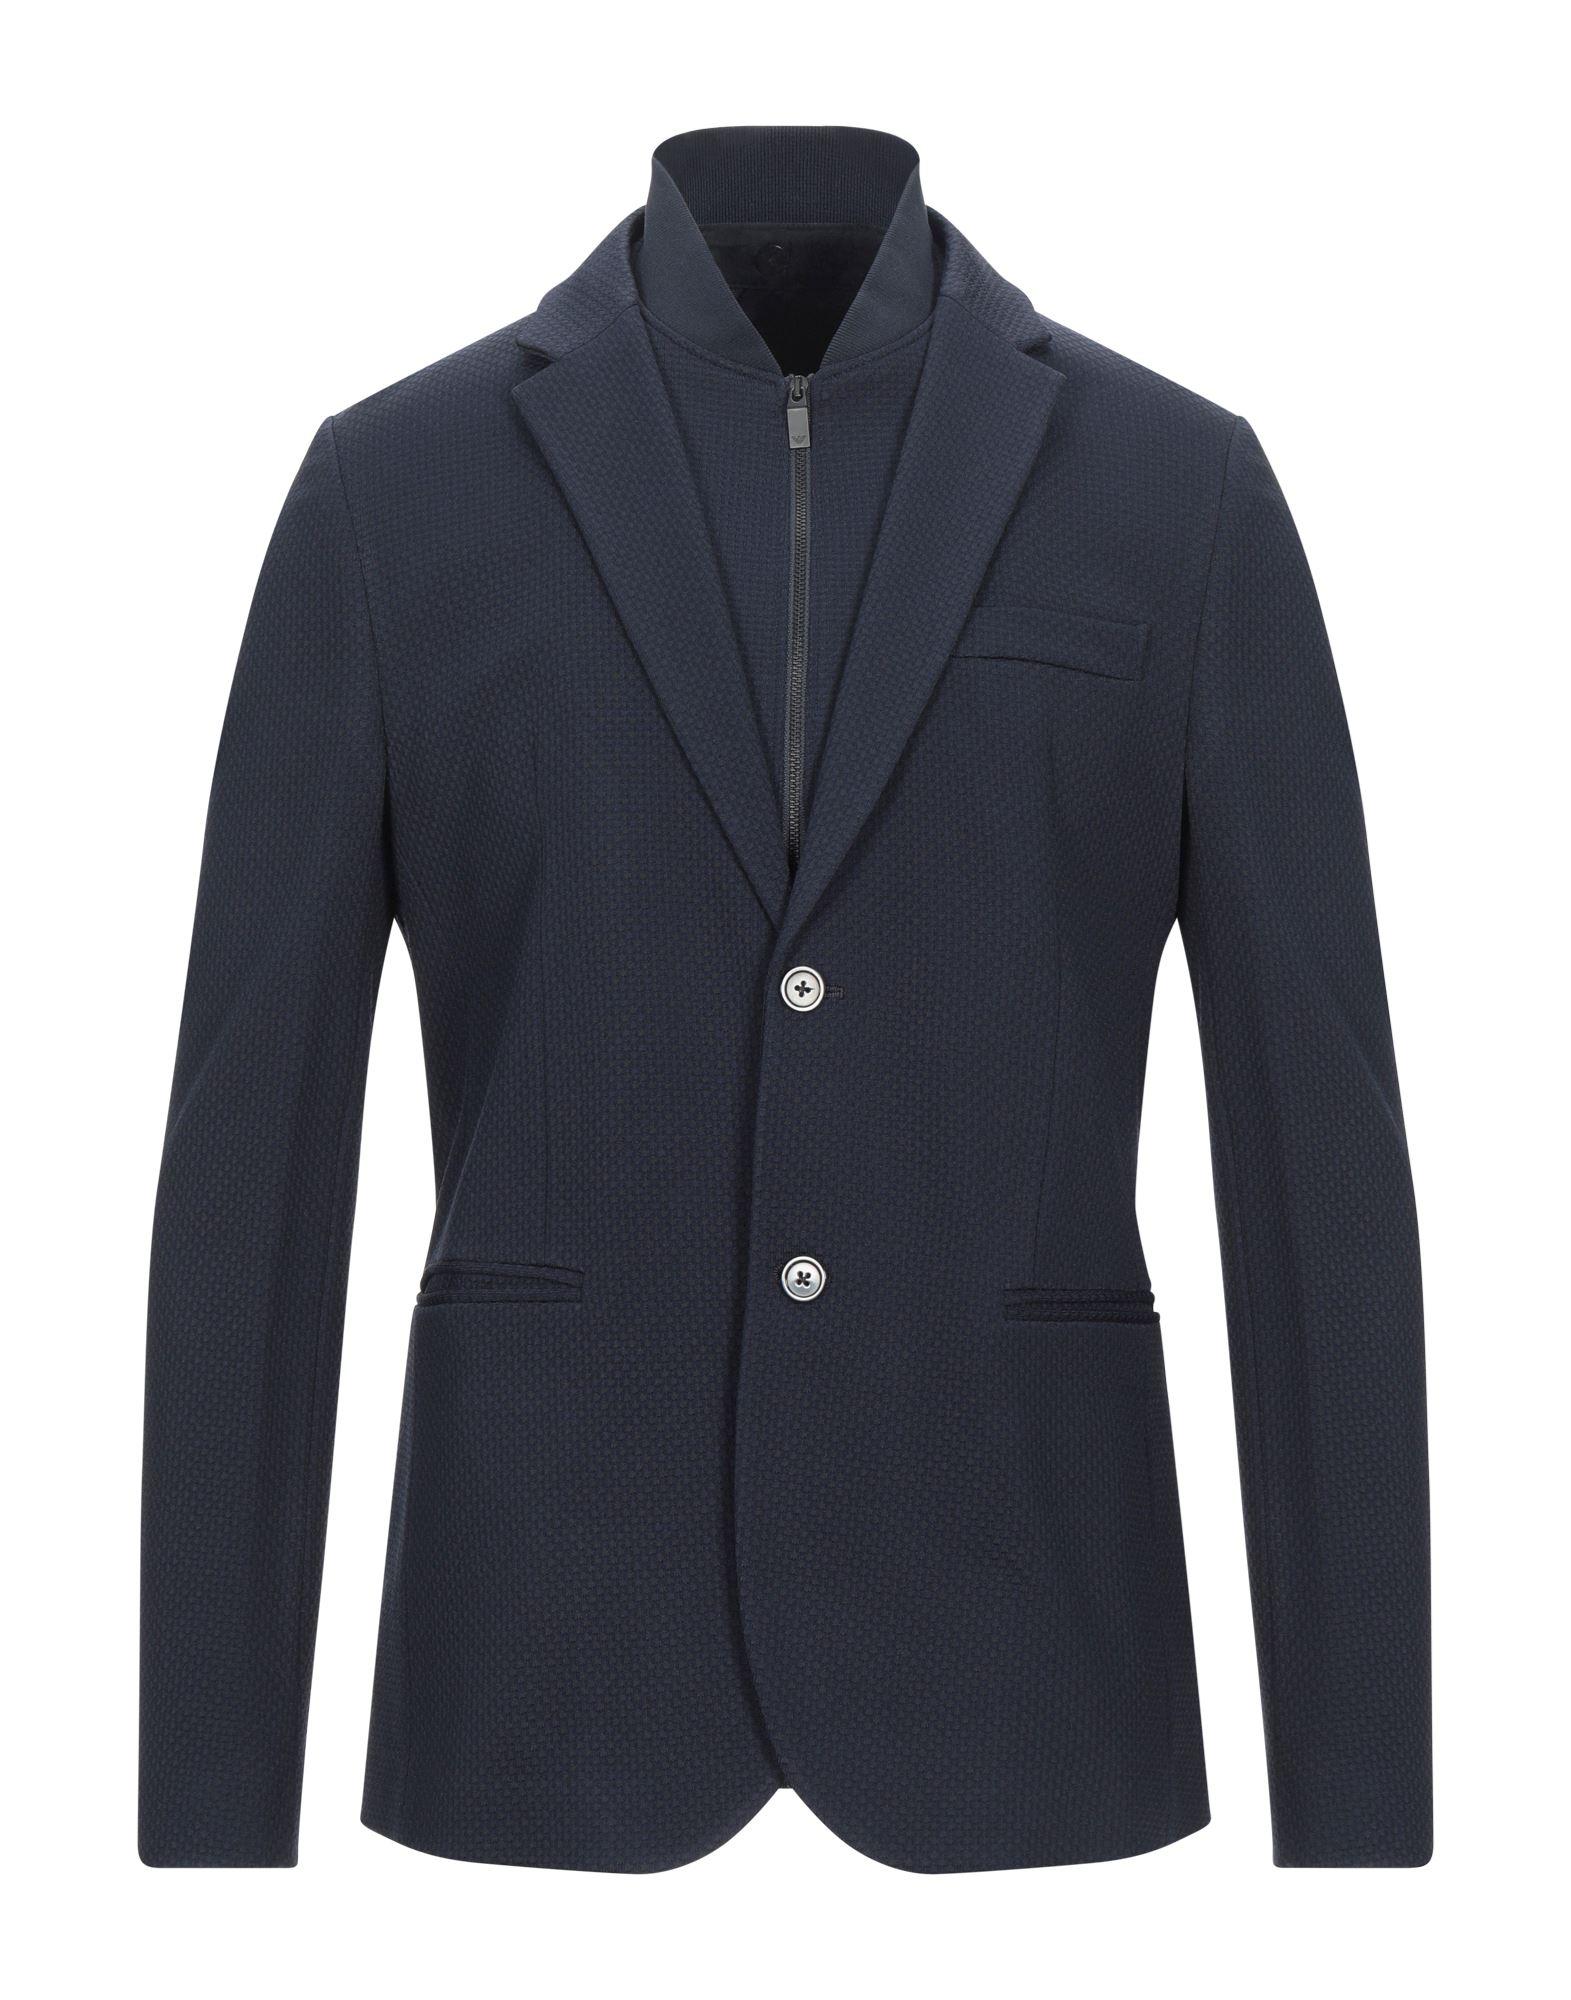 《セール開催中》EMPORIO ARMANI メンズ テーラードジャケット ダークブルー 52 レーヨン 61% / ナイロン 25% / バージンウール 10% / ポリウレタン 4%